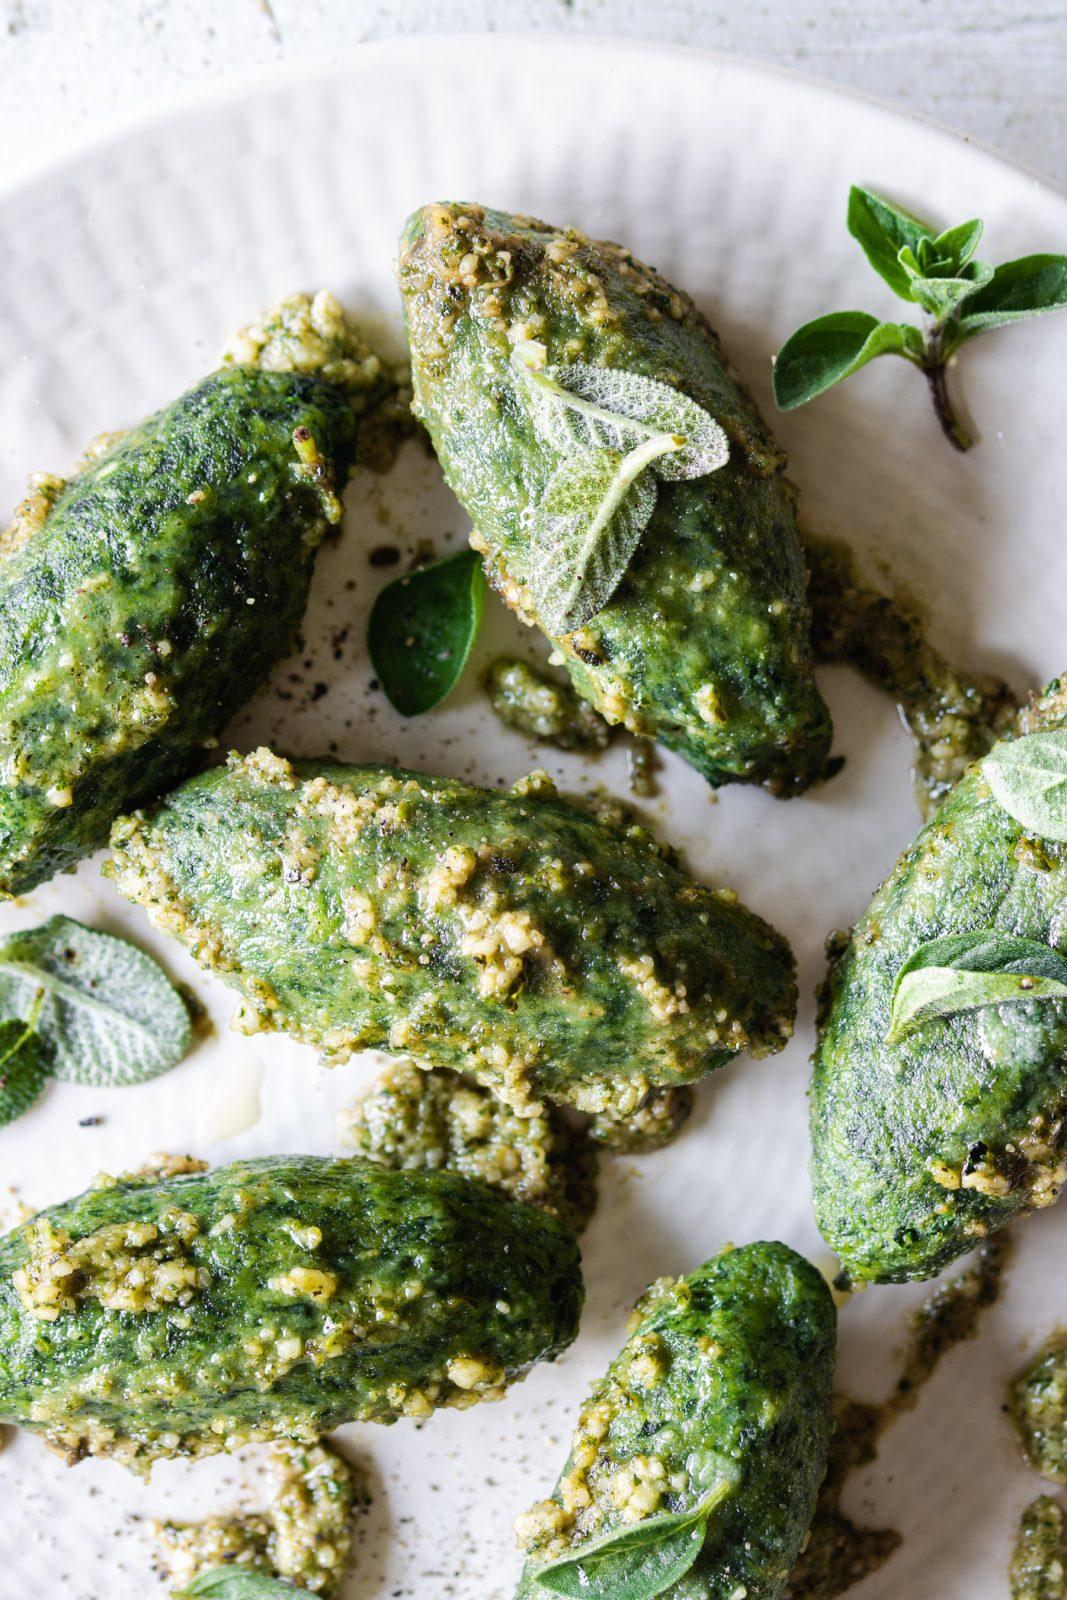 dettaglio di malfatti agli spinaci e ricotta conditi con pesto di erbe aromatiche